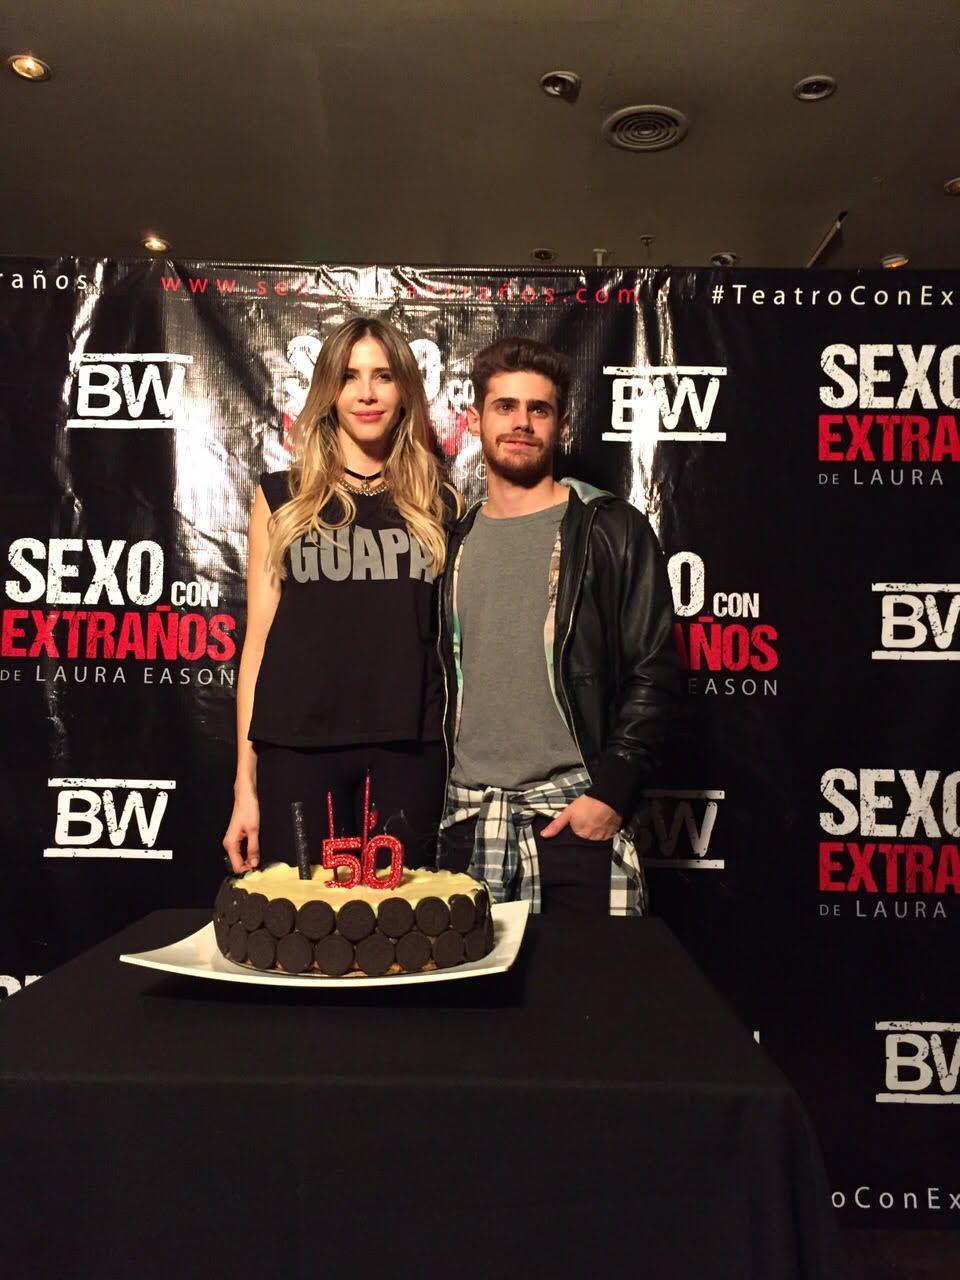 Guillermina Valdes y Gastón Soffritti festejaron las 50 funciones de Sexo con extraños